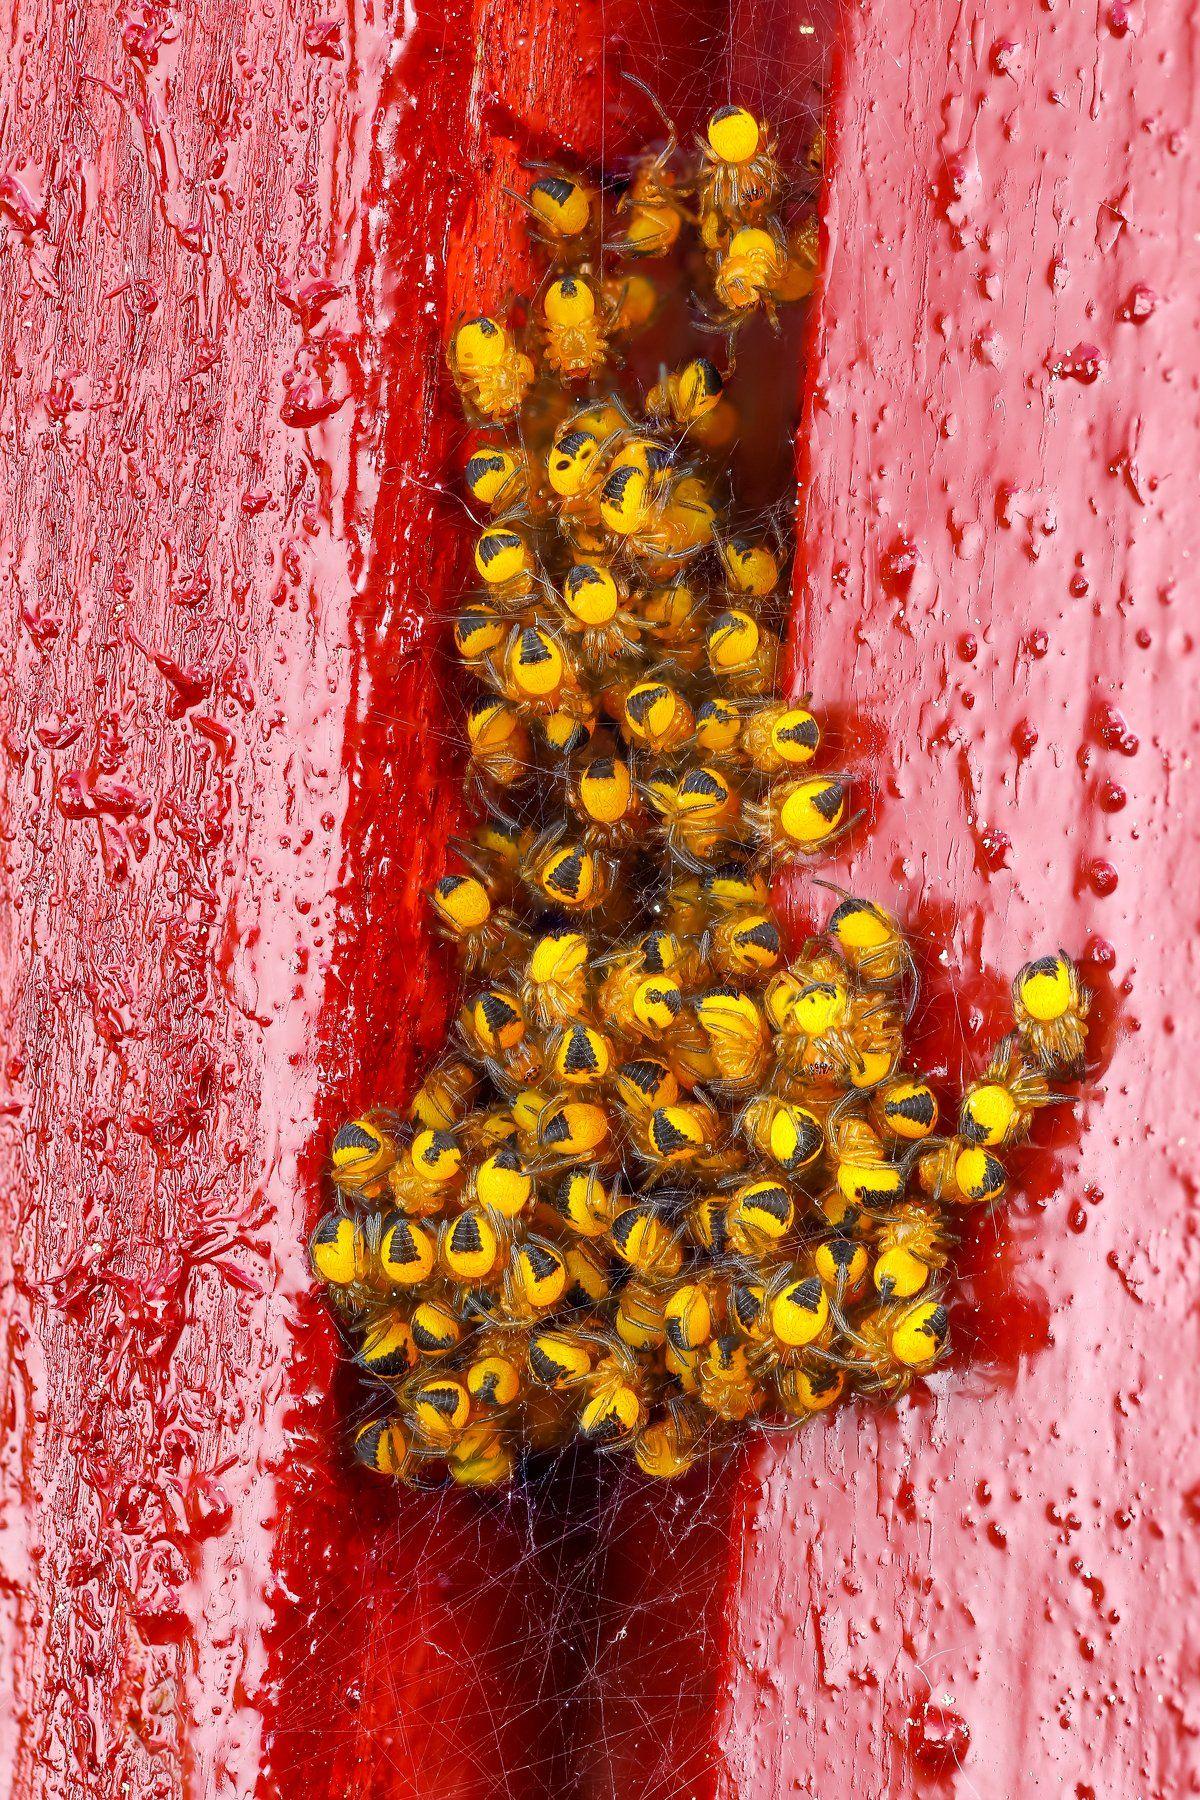 макро паук насекомое животное желтый красный, Шаповалов Андрей